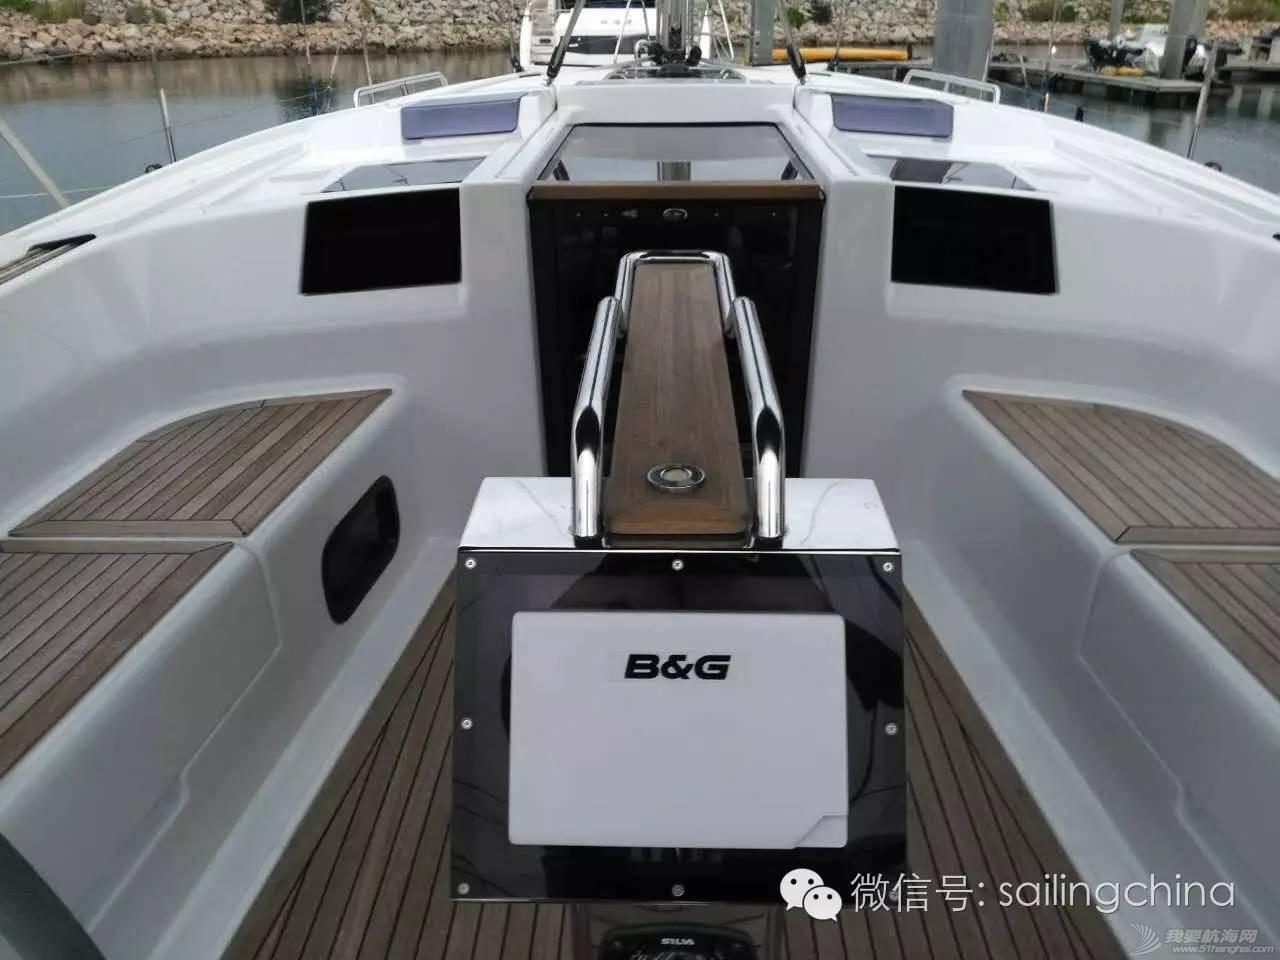 德国汉斯帆船H415 现船销售 f02df5b436aeefbcee2a2524befecc3e.jpg